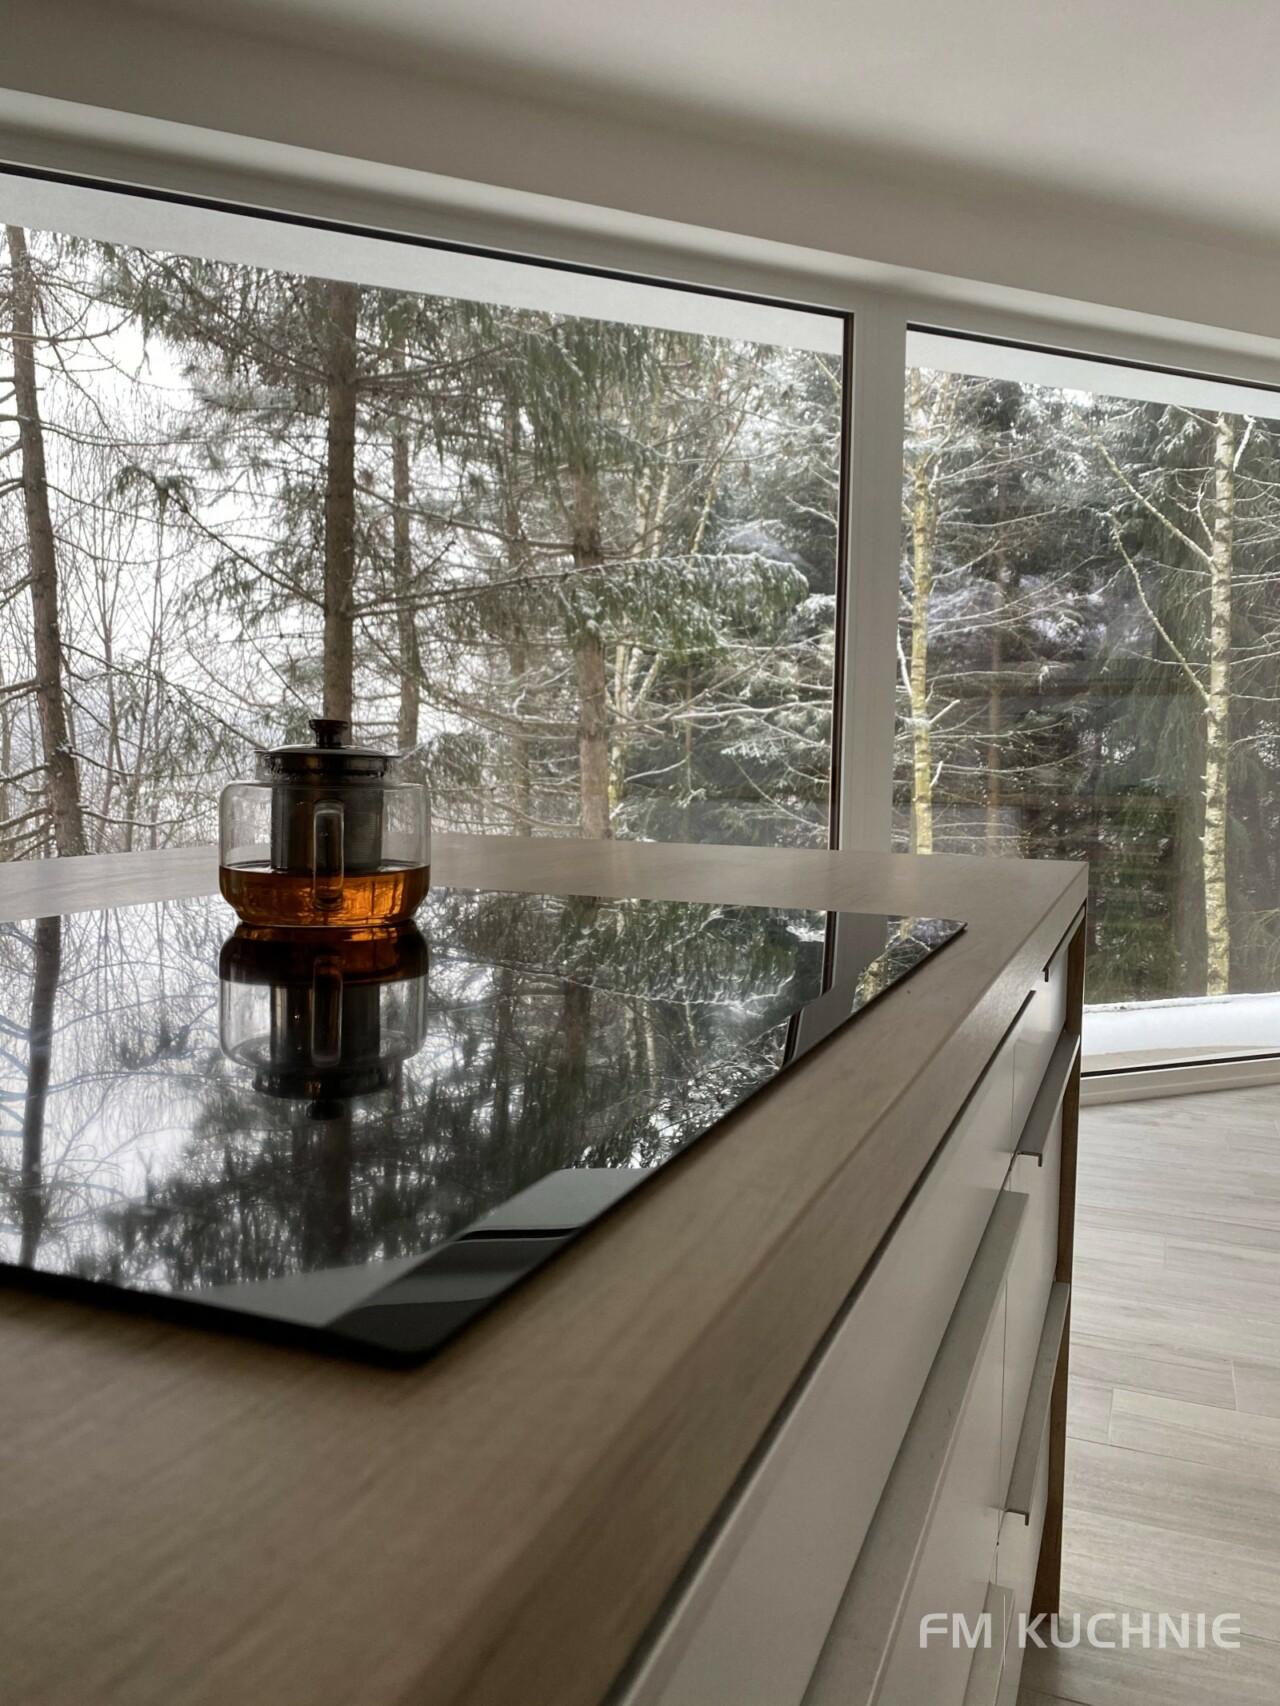 Meble kuchenne na wymiar WFM Calma M101 z frontem lakierowanym na mat, płyta mdf kolor biały ze stalowymi uchwytami krawędziowymi -5- FM KUCHNIE Kraków